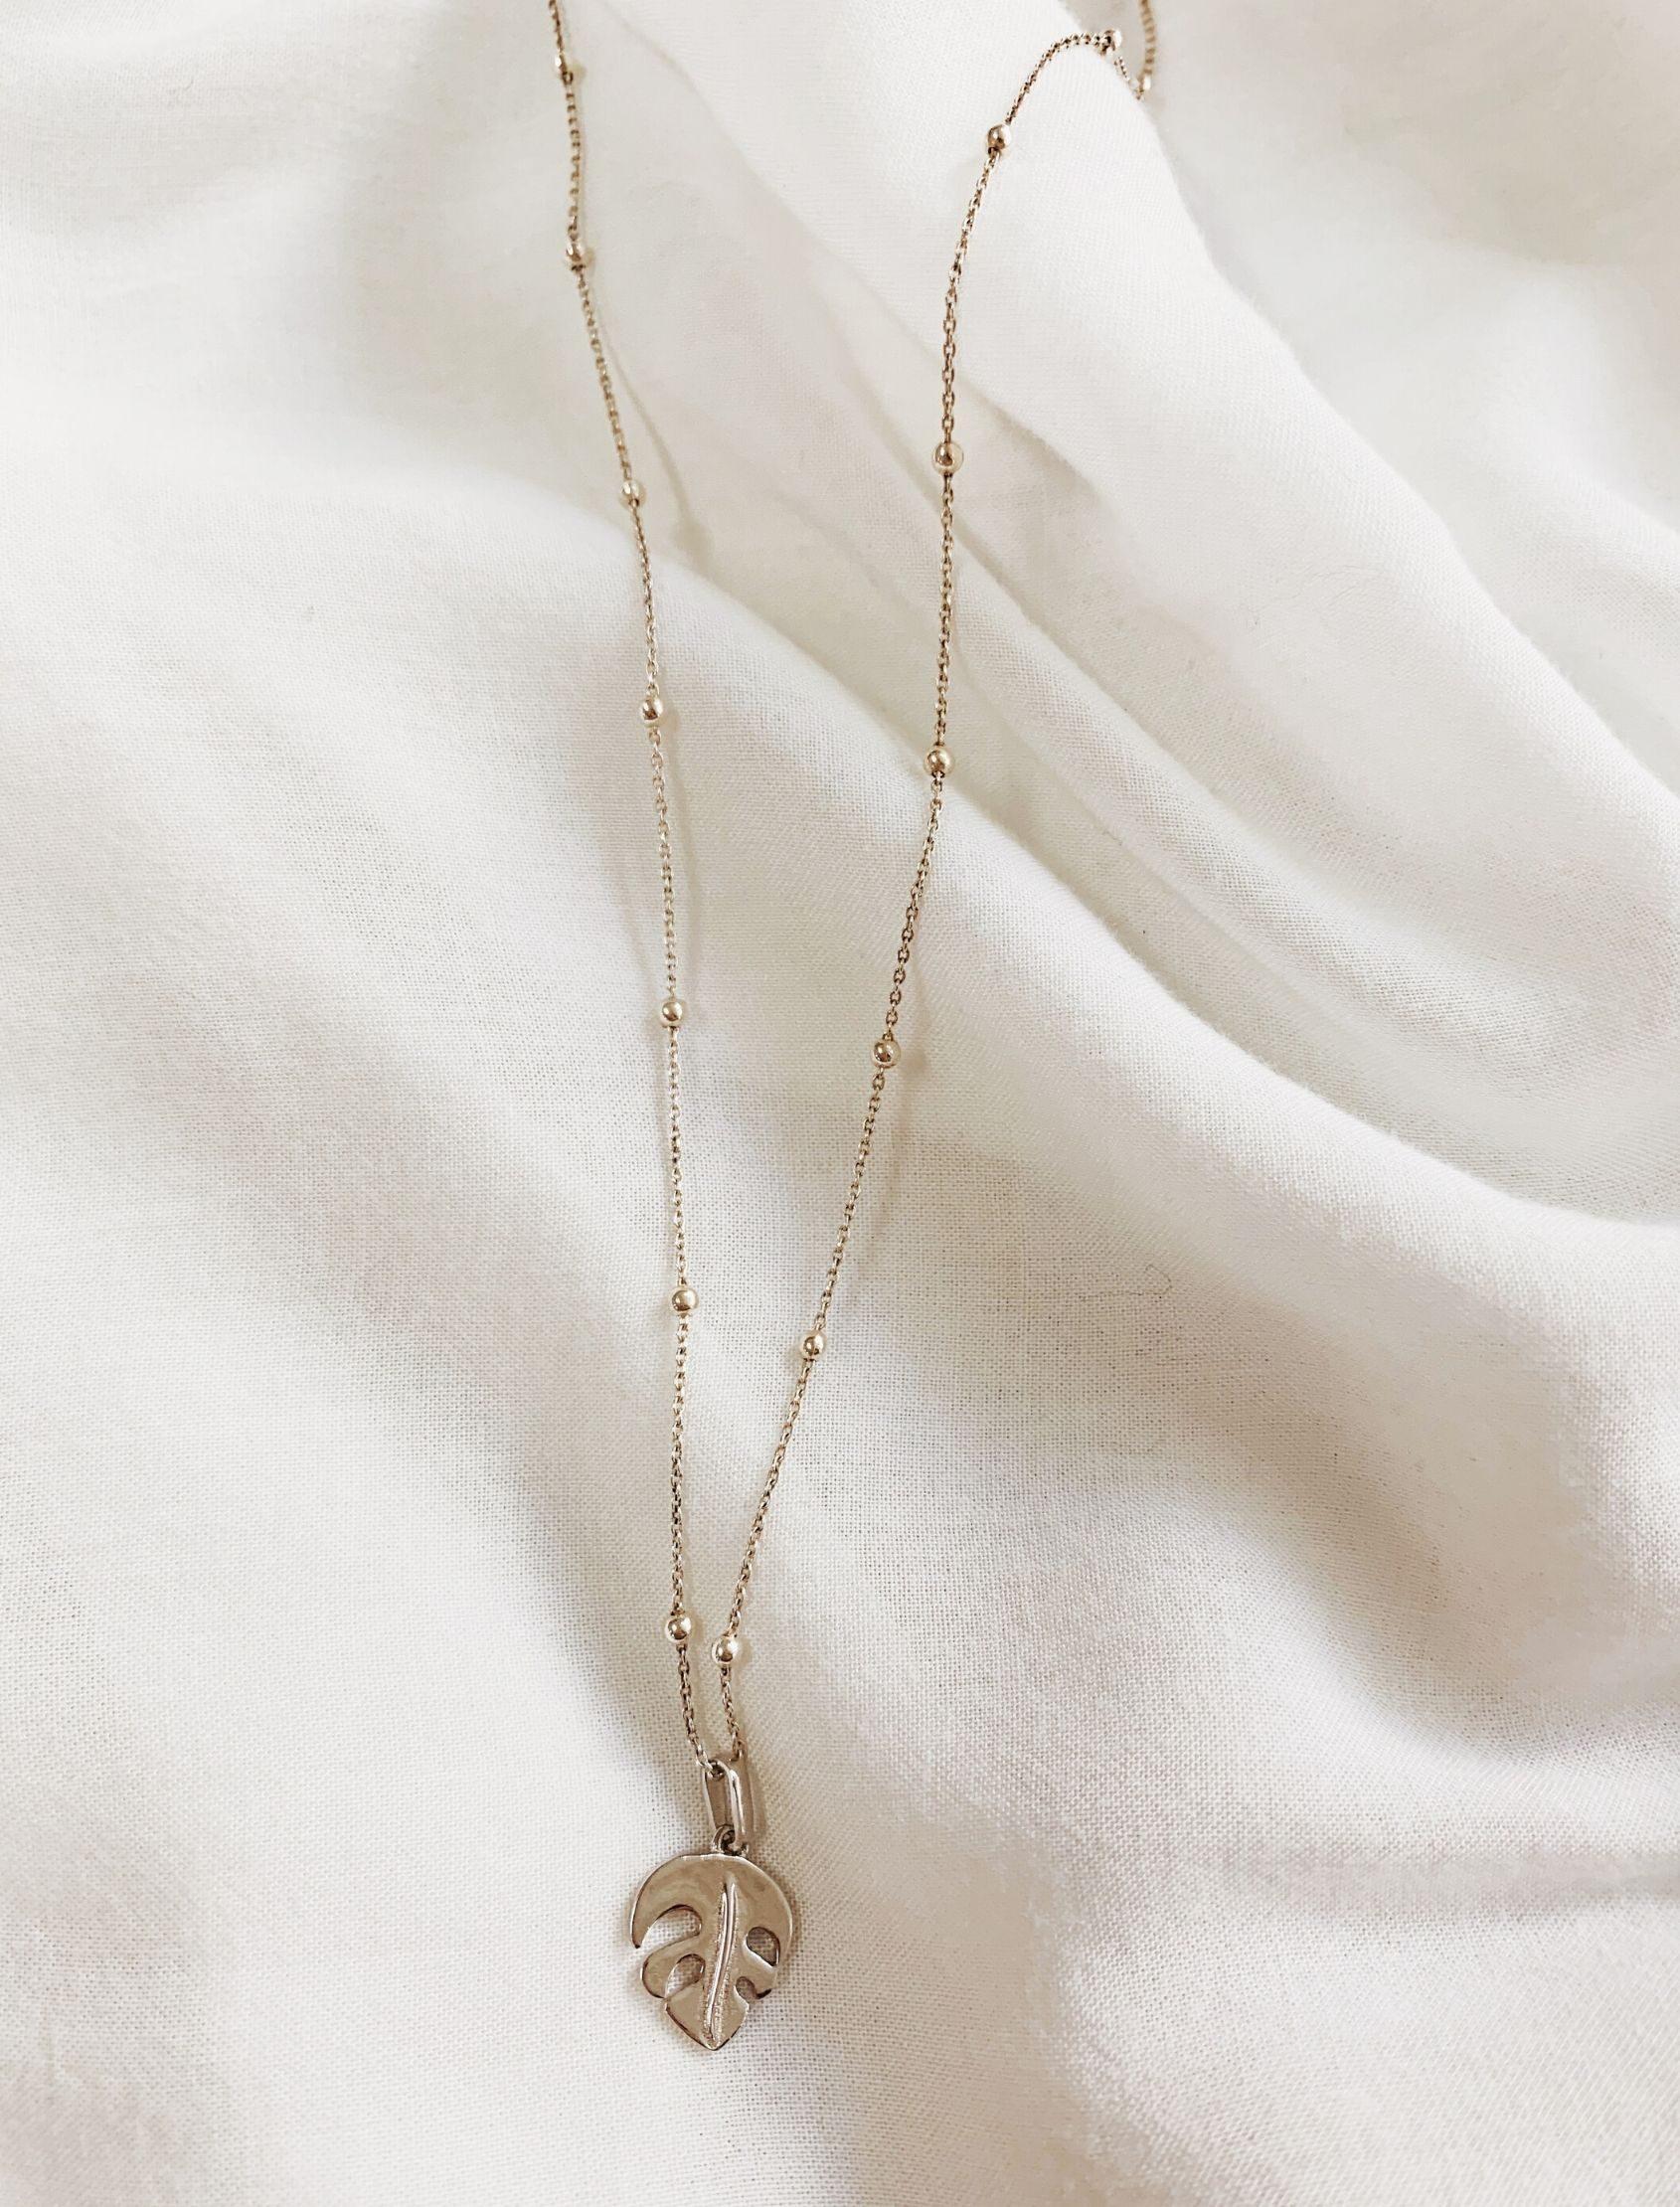 colgante con forma de hoja en plata y gargantilla con mini bolitas de plata de maria cala stoe